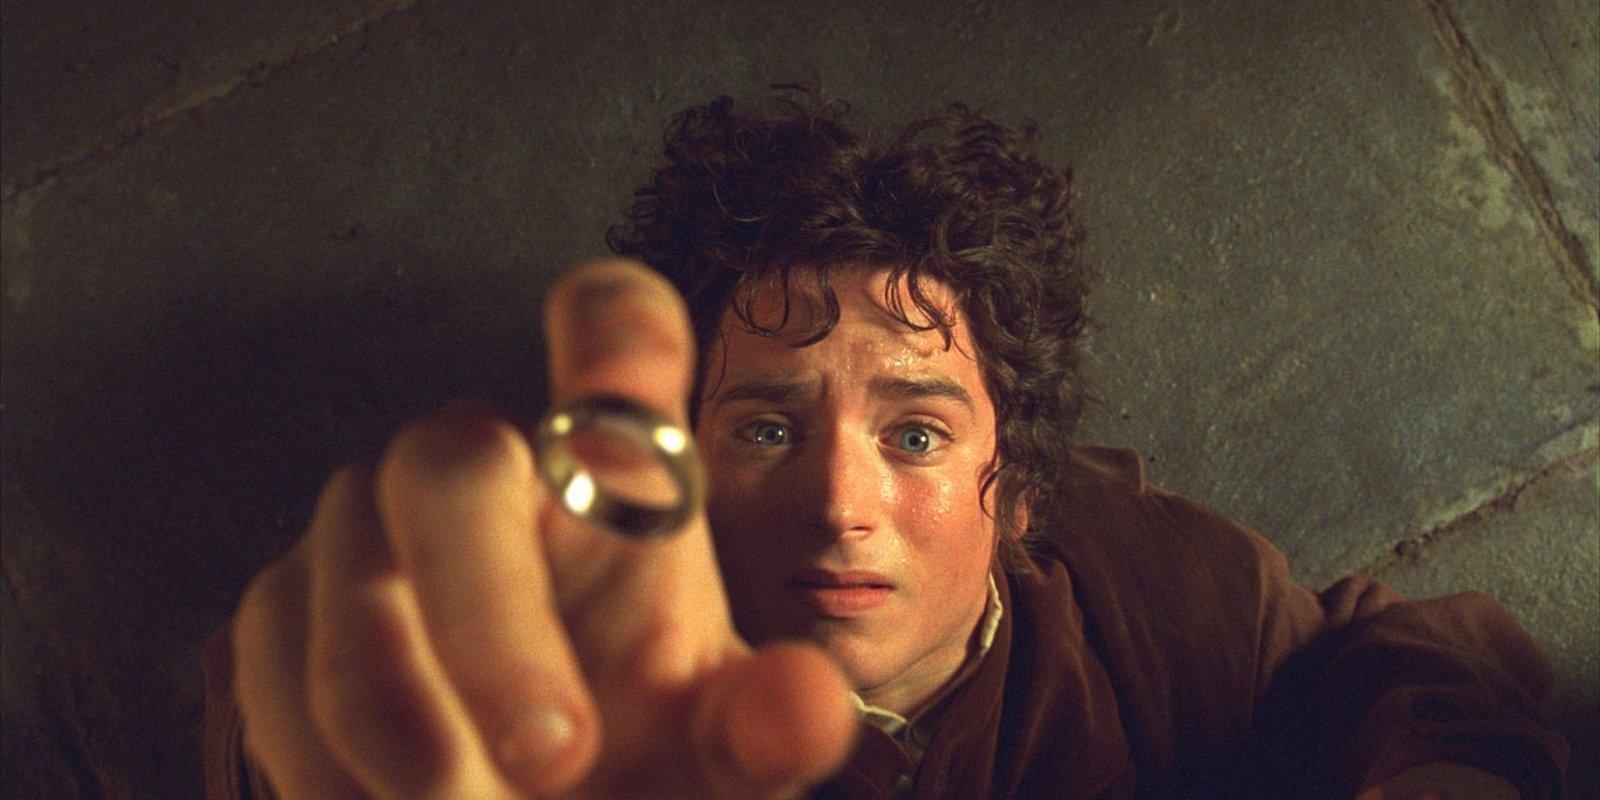 Seriāls 'The Lord of the Rings' kļūs par dārgāko vēsturē